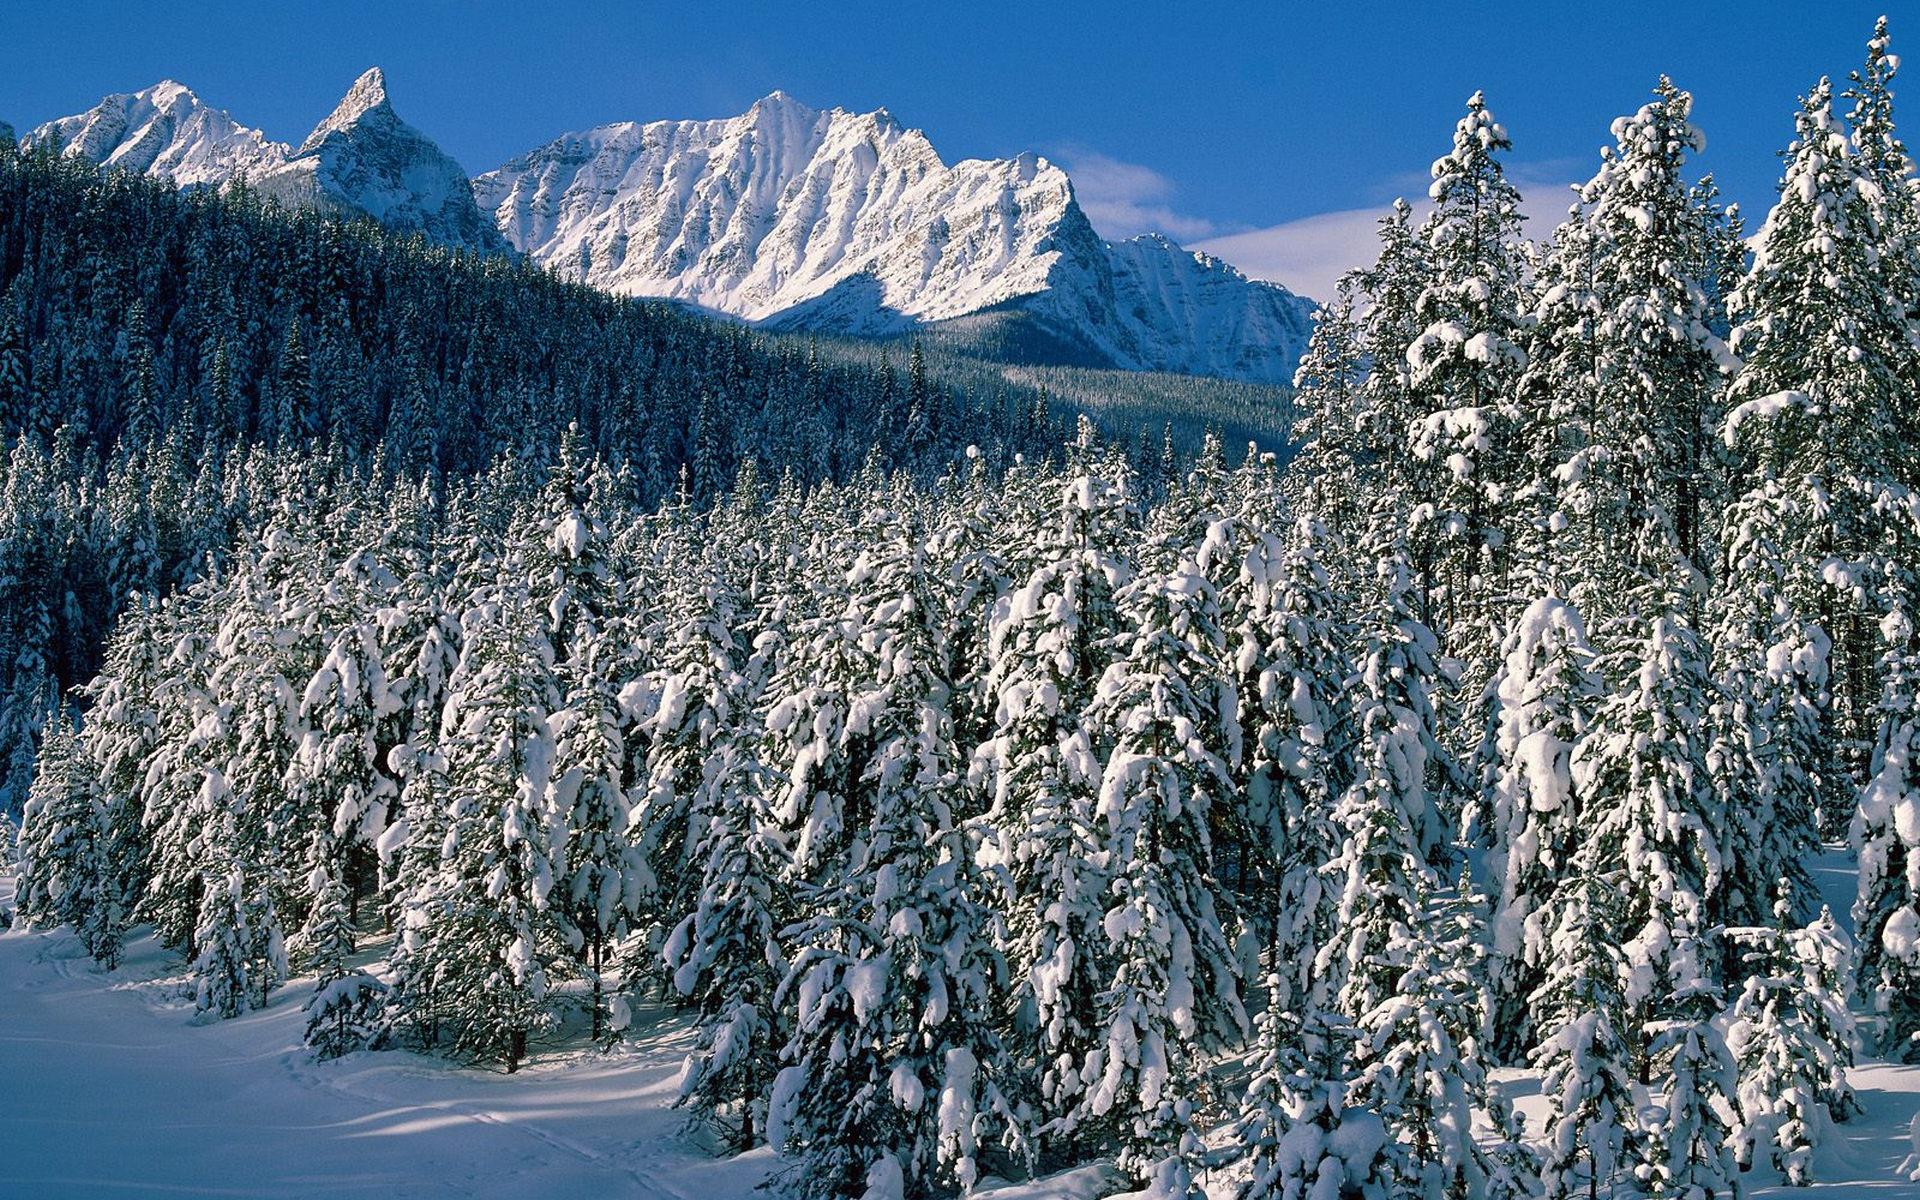 природа деревья скалы горы зима снег бесплатно